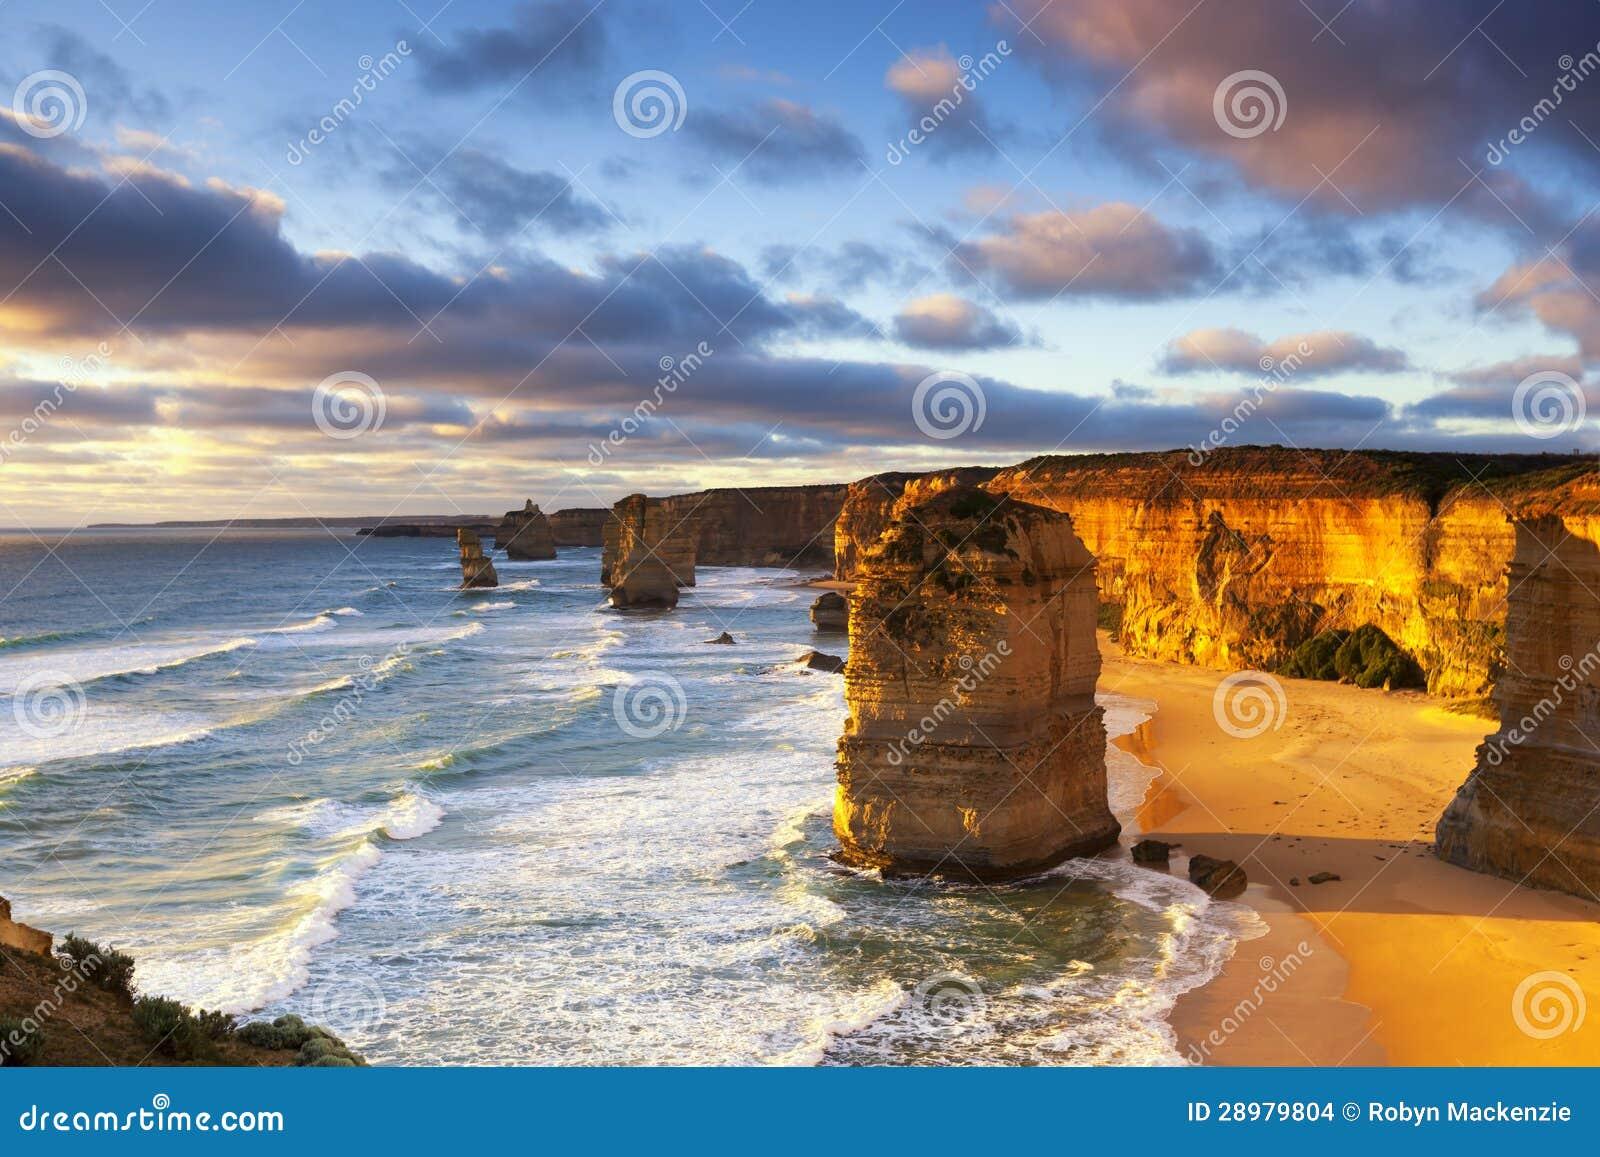 Doze apóstolos Austrália